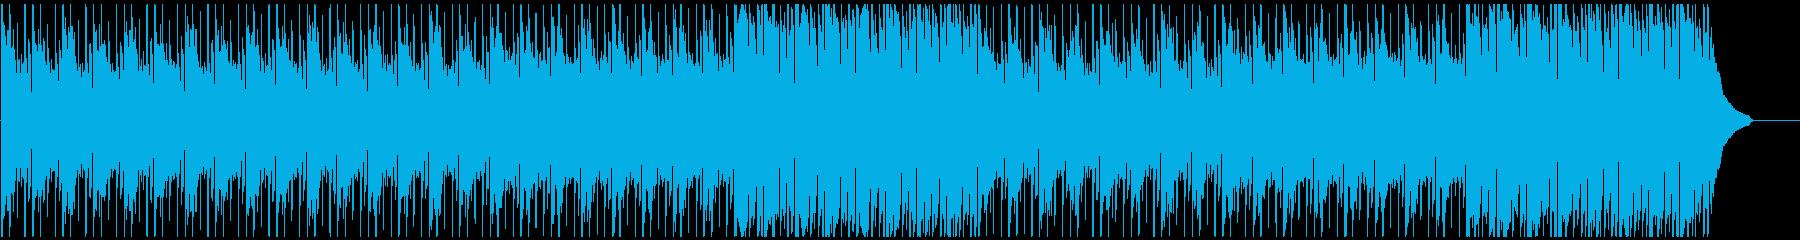 企業VPなどに 新しさを感じる楽曲の再生済みの波形